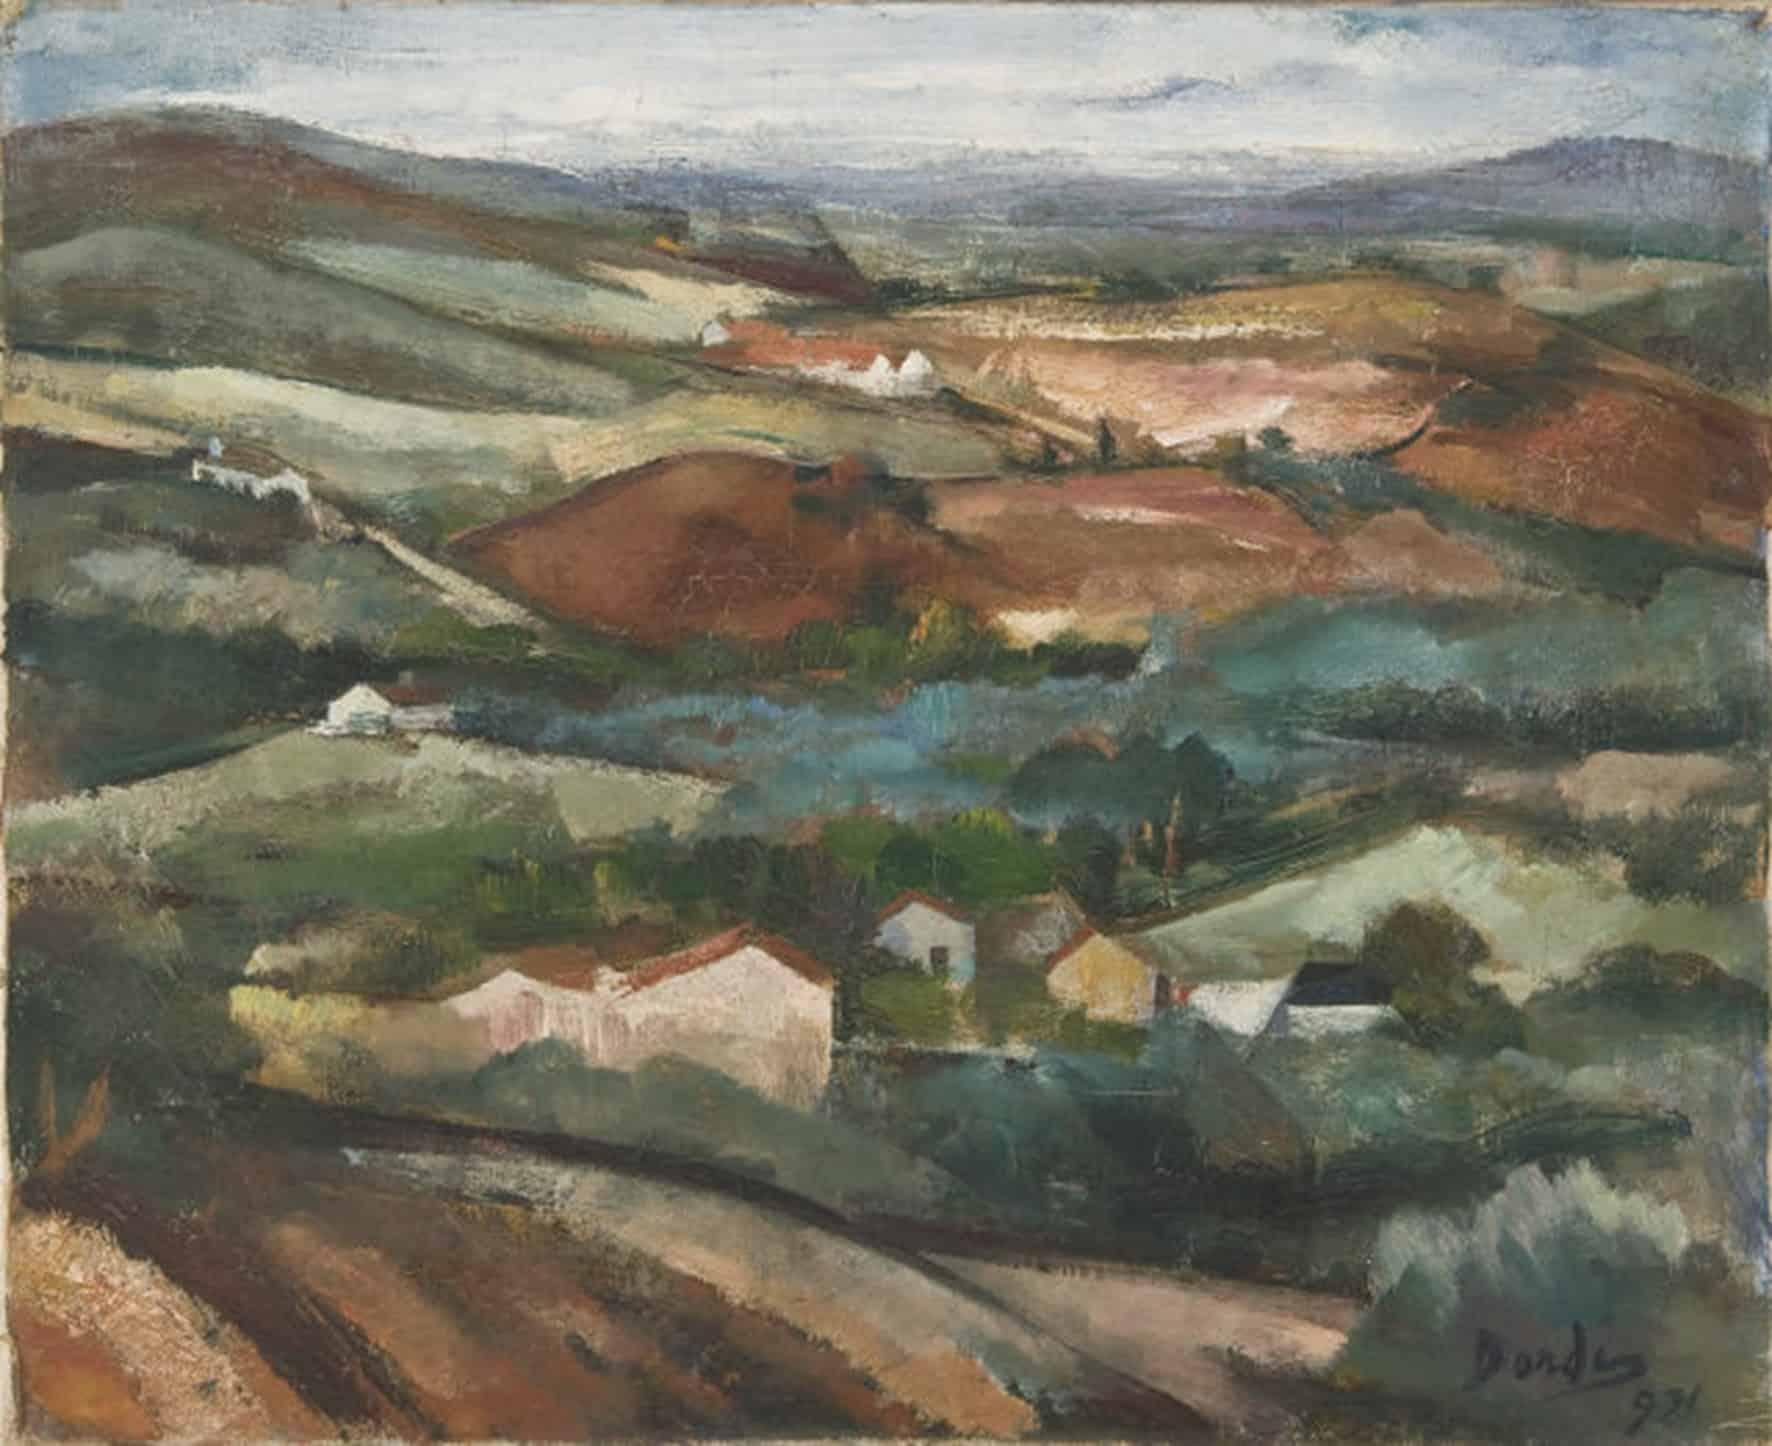 Dordio Gomes Paisagem Alentejana, 1931